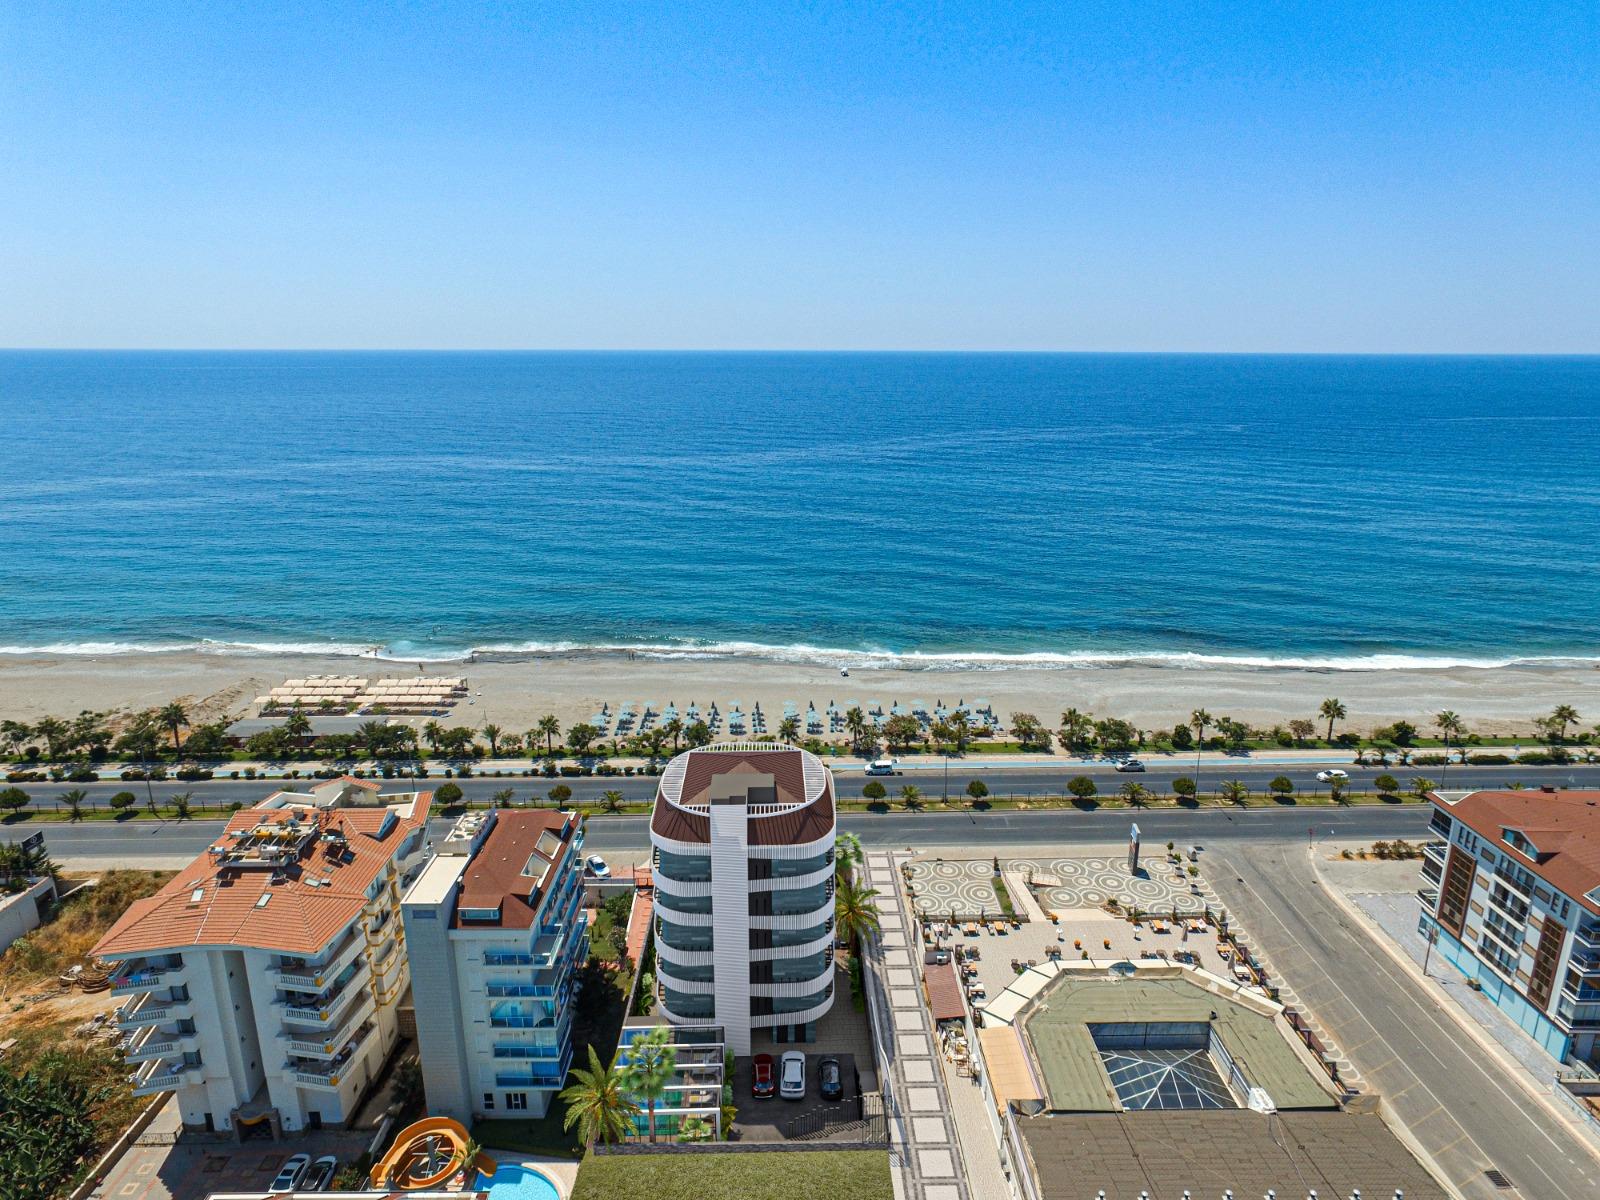 Роскошные квартиры с видом на Средиземное море в элитном районе - Фото 1